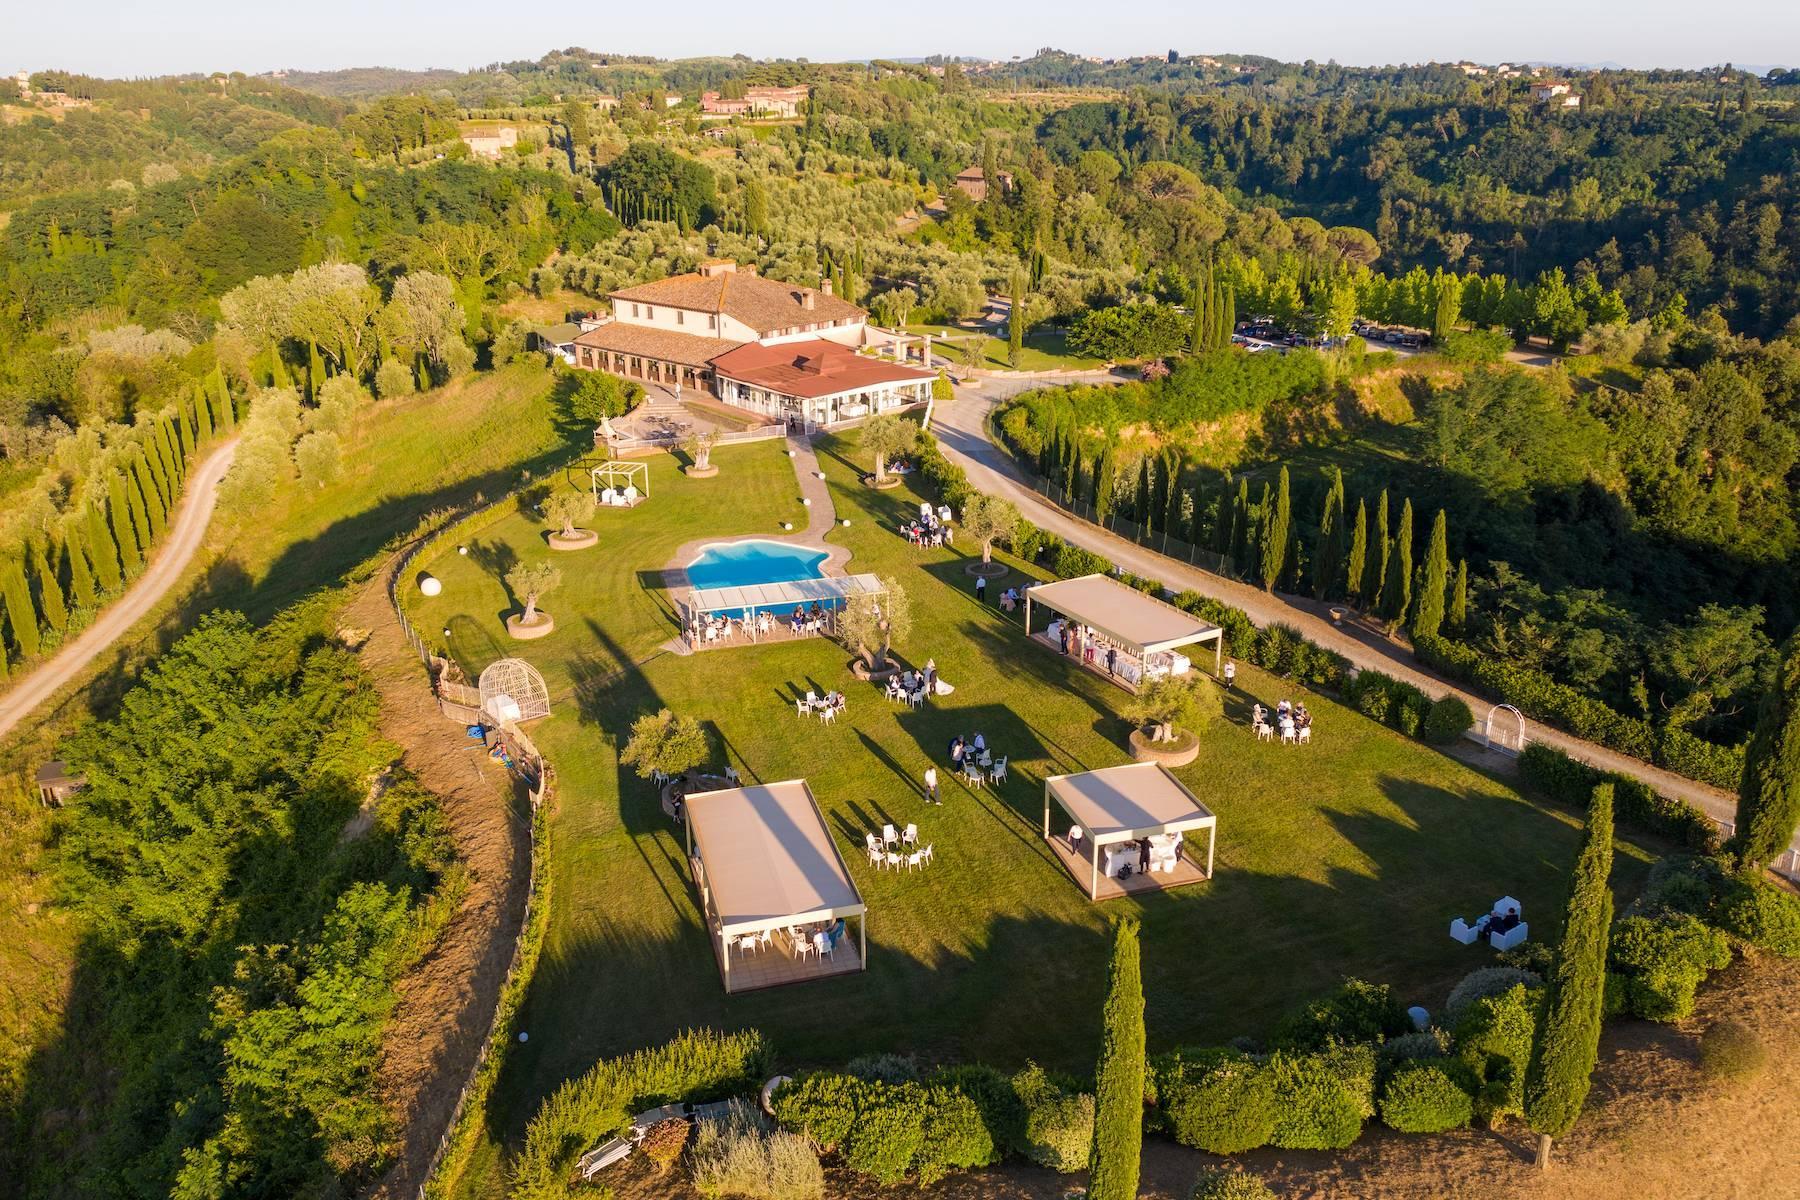 Wunderschönes Anwesen mit 202 Hektar Land im Herzen der Toskana - 1